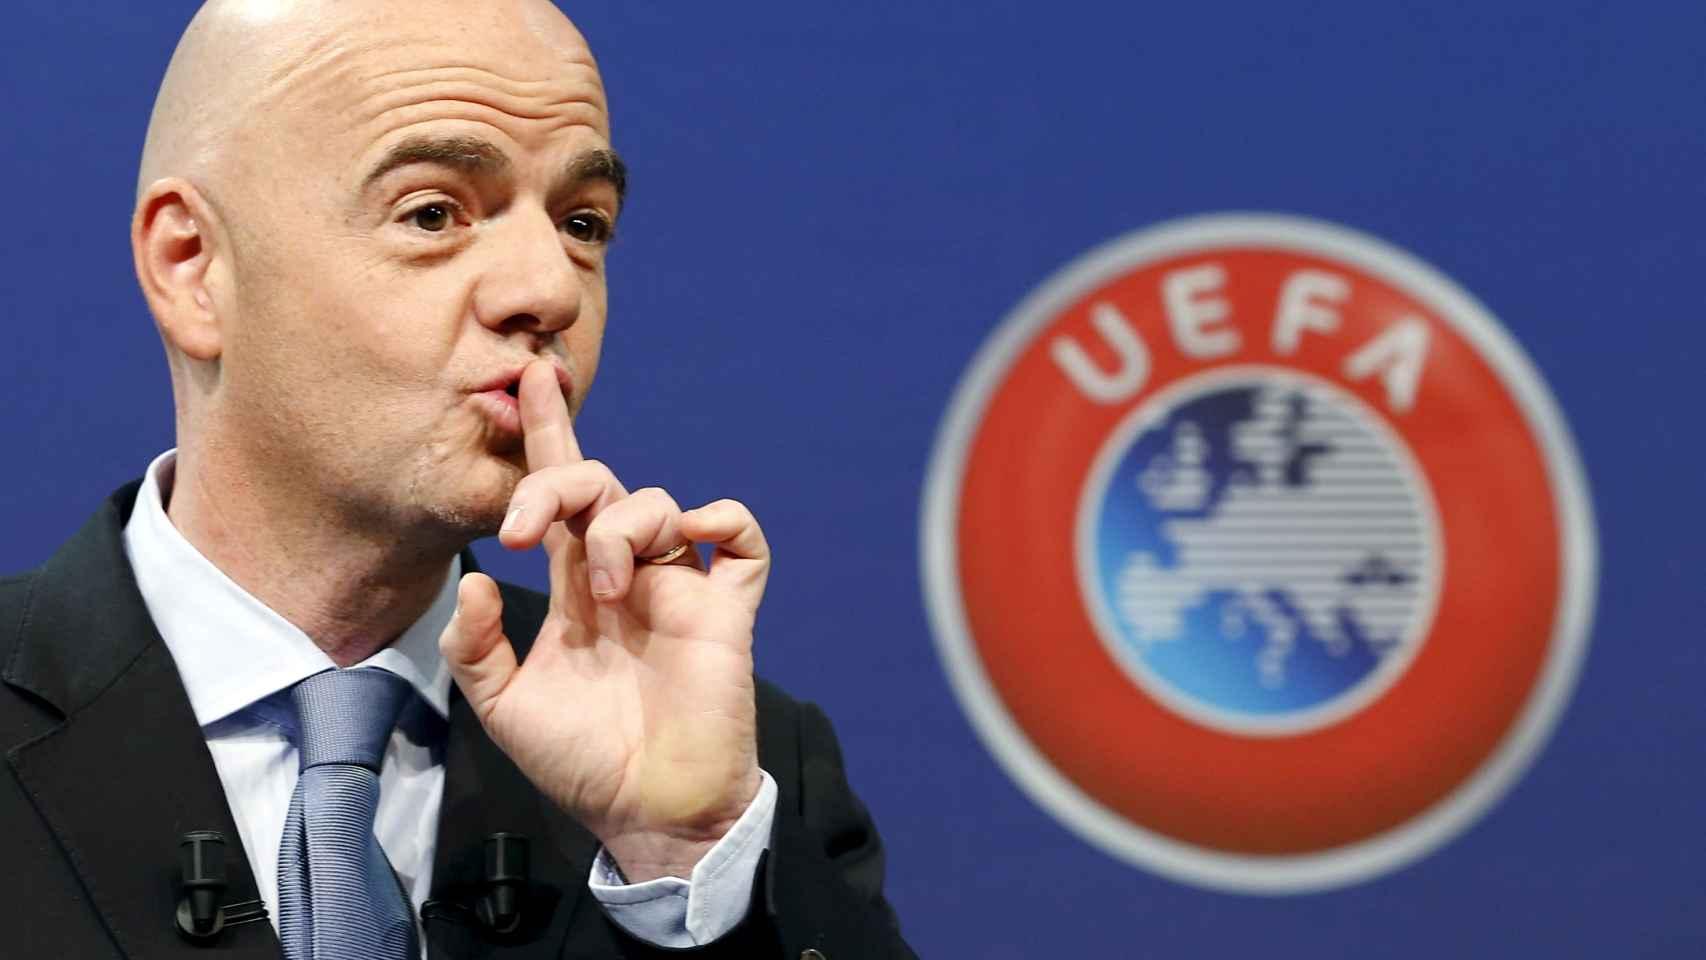 El secretario general de la UEFA es la alternativa europea a Michel Platini.